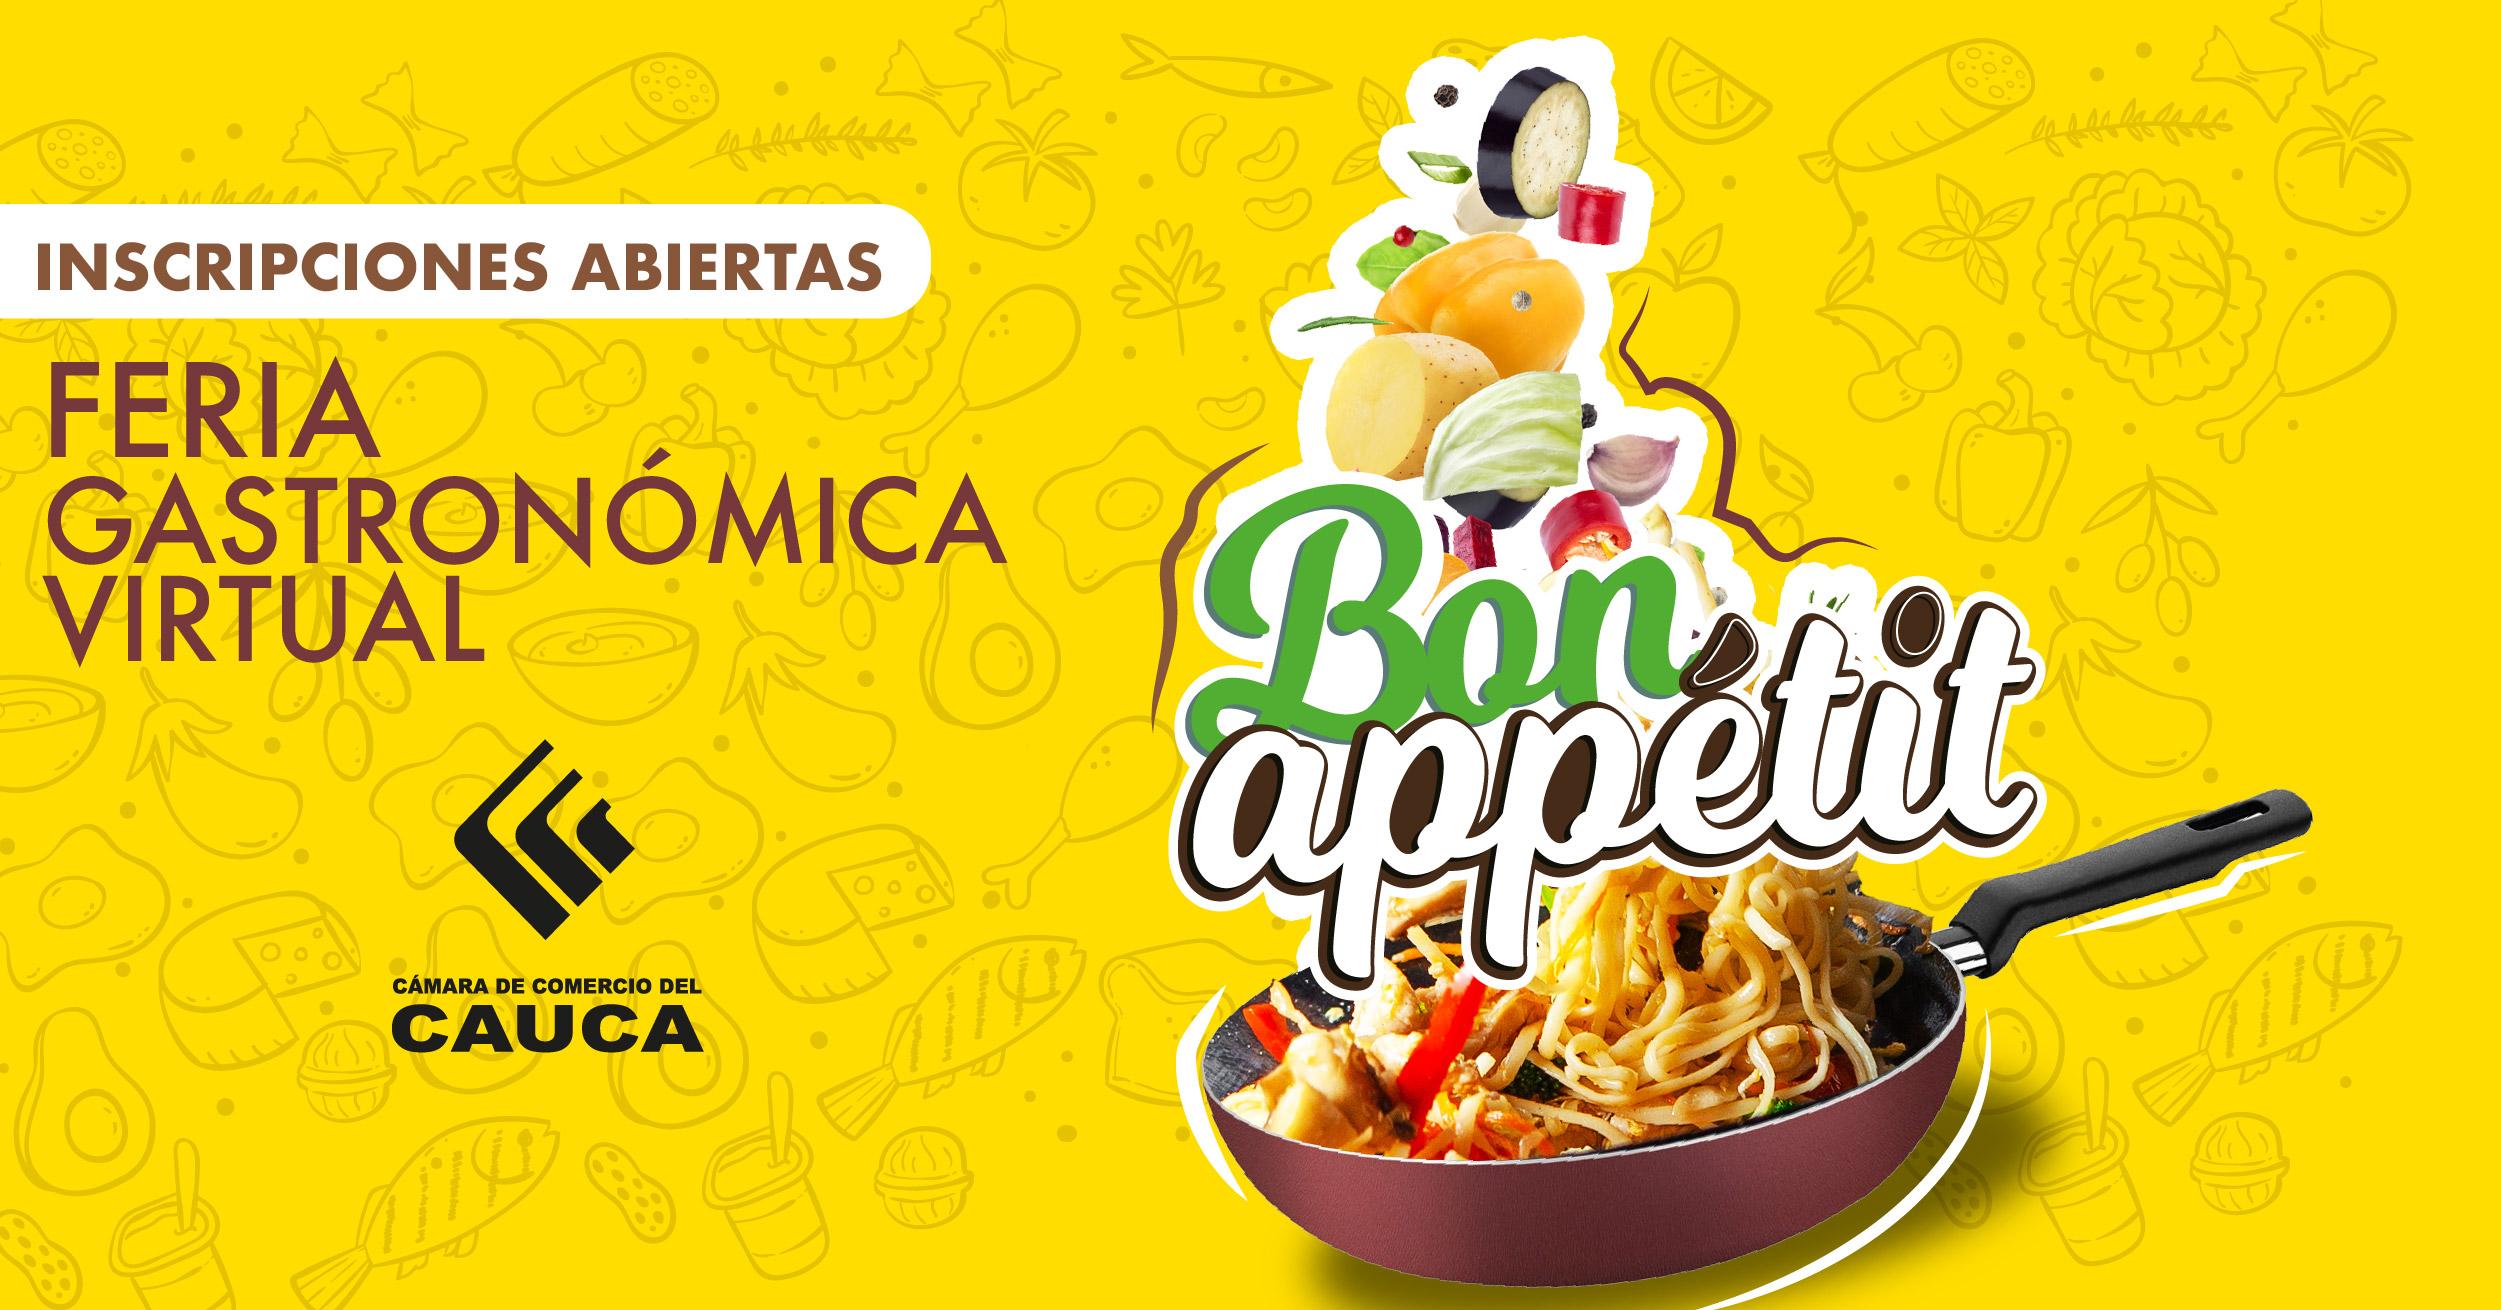 """Inscripciones abiertas para Feria Gastronómica Virtual """"Bon Appétit"""" Norte del Cauca"""